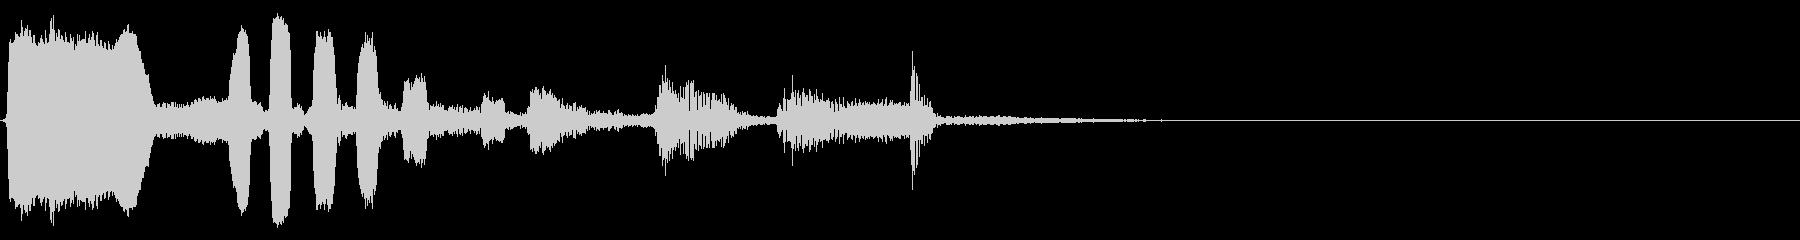 ★アコギとオカリナ生音のアイキャッチの未再生の波形